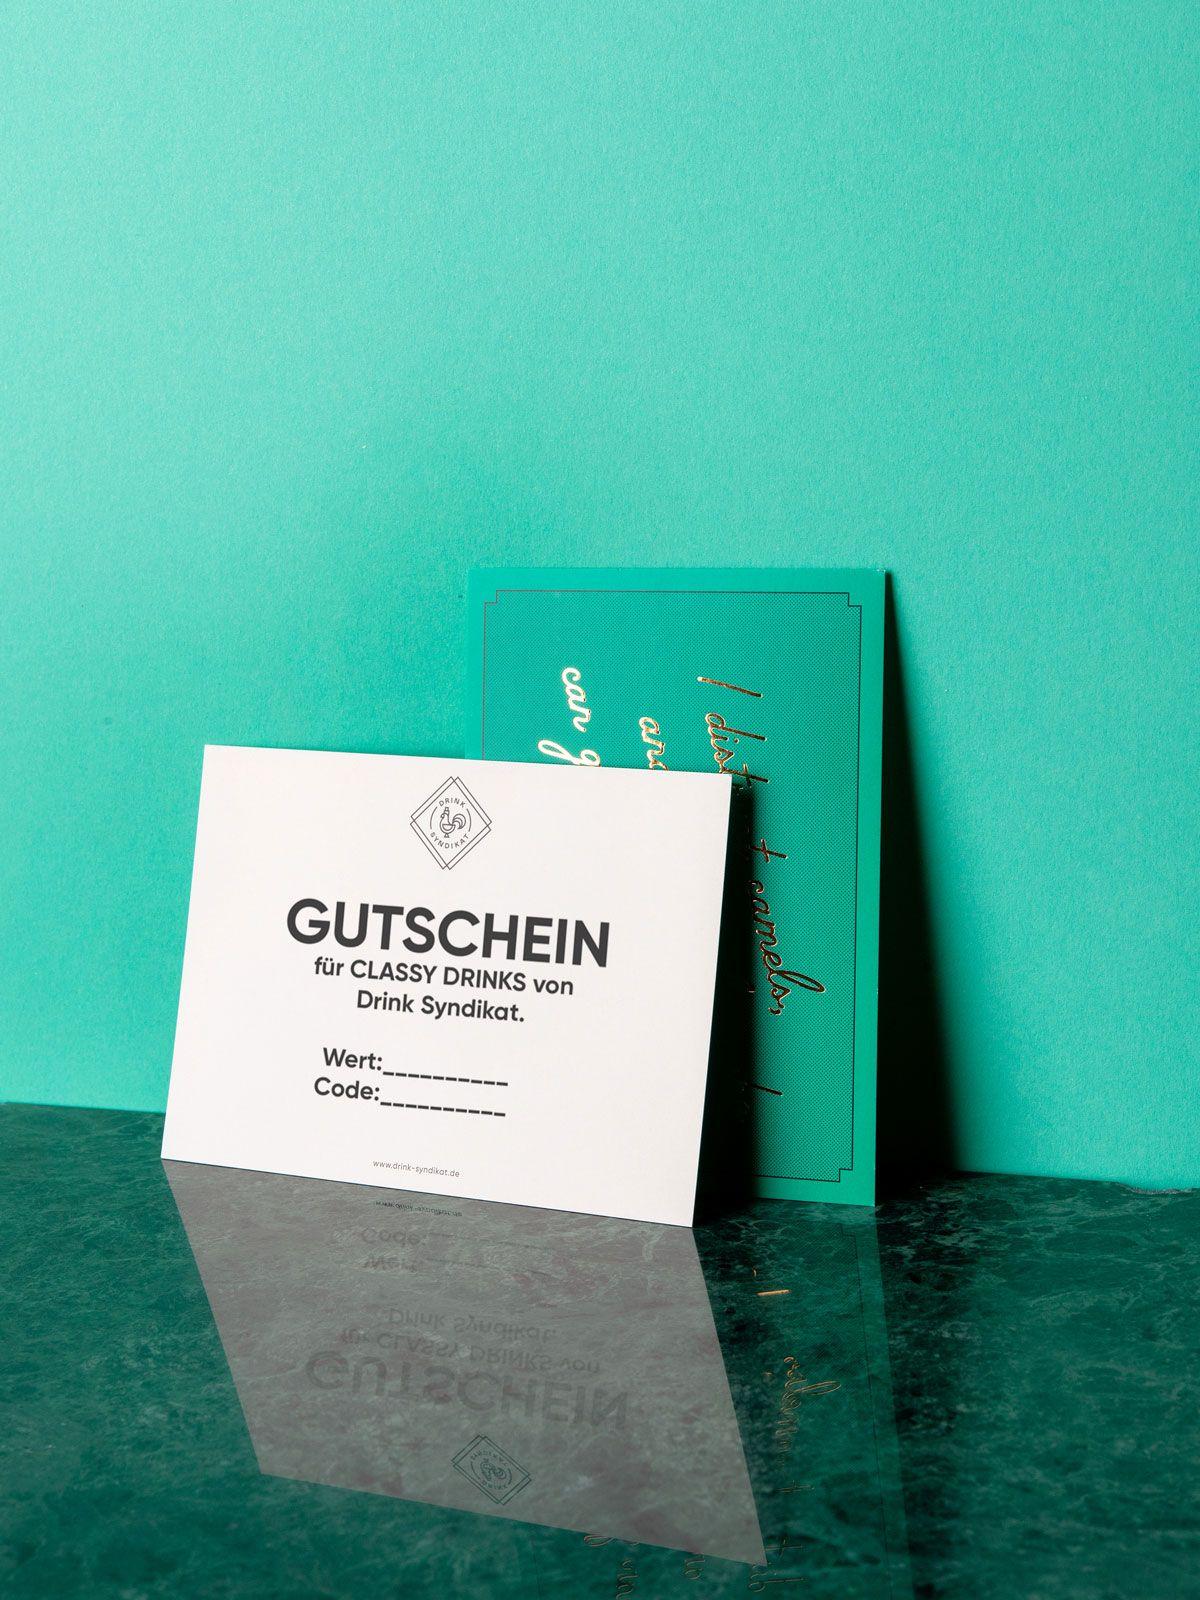 Drink Syndikat Gutschein